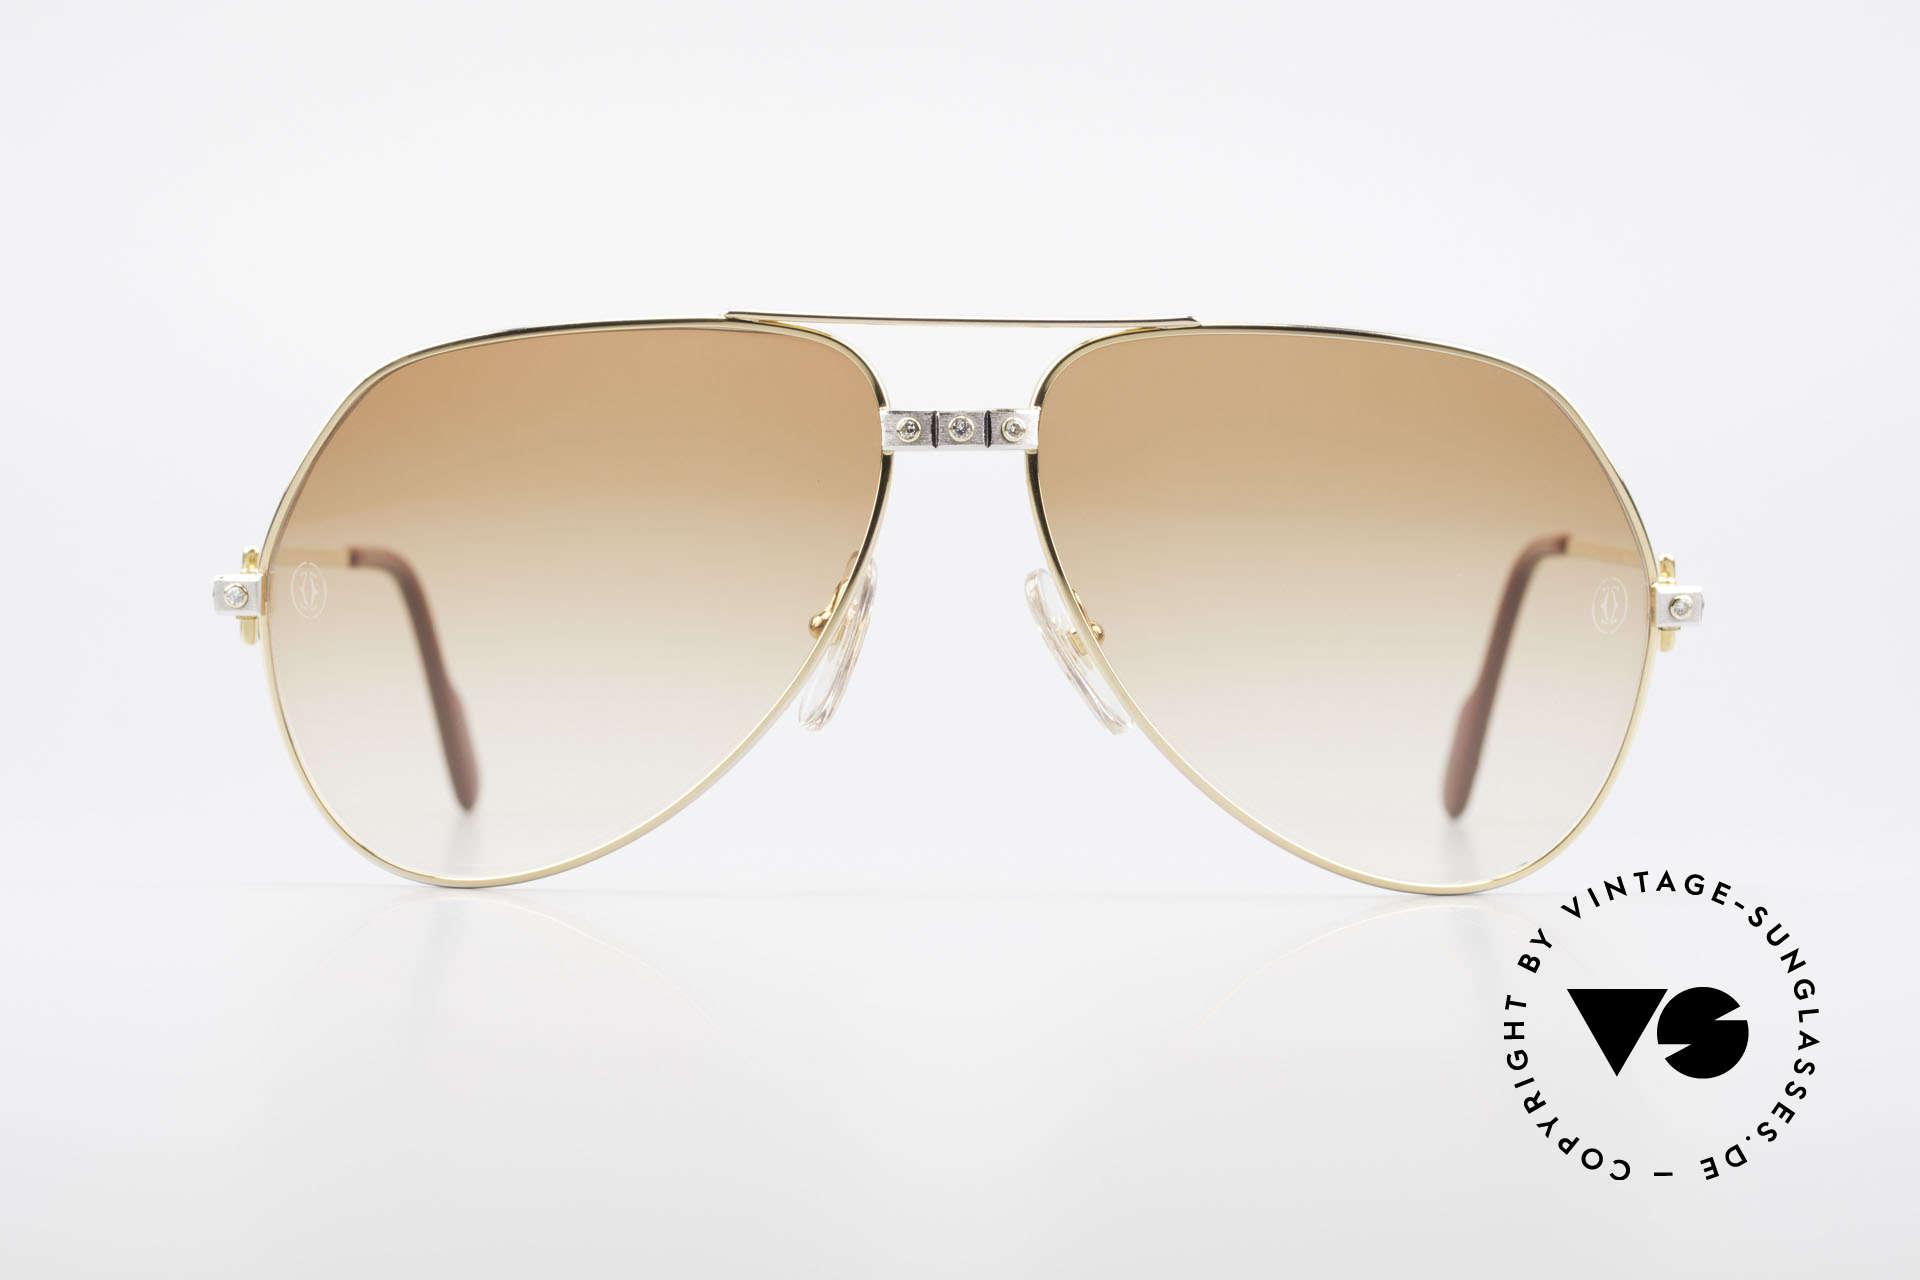 Cartier Vendome Santos - L Luxus Diamanten Sonnenbrille, extrem kostbar veredelte Fassung für noch mehr Luxus, Passend für Herren